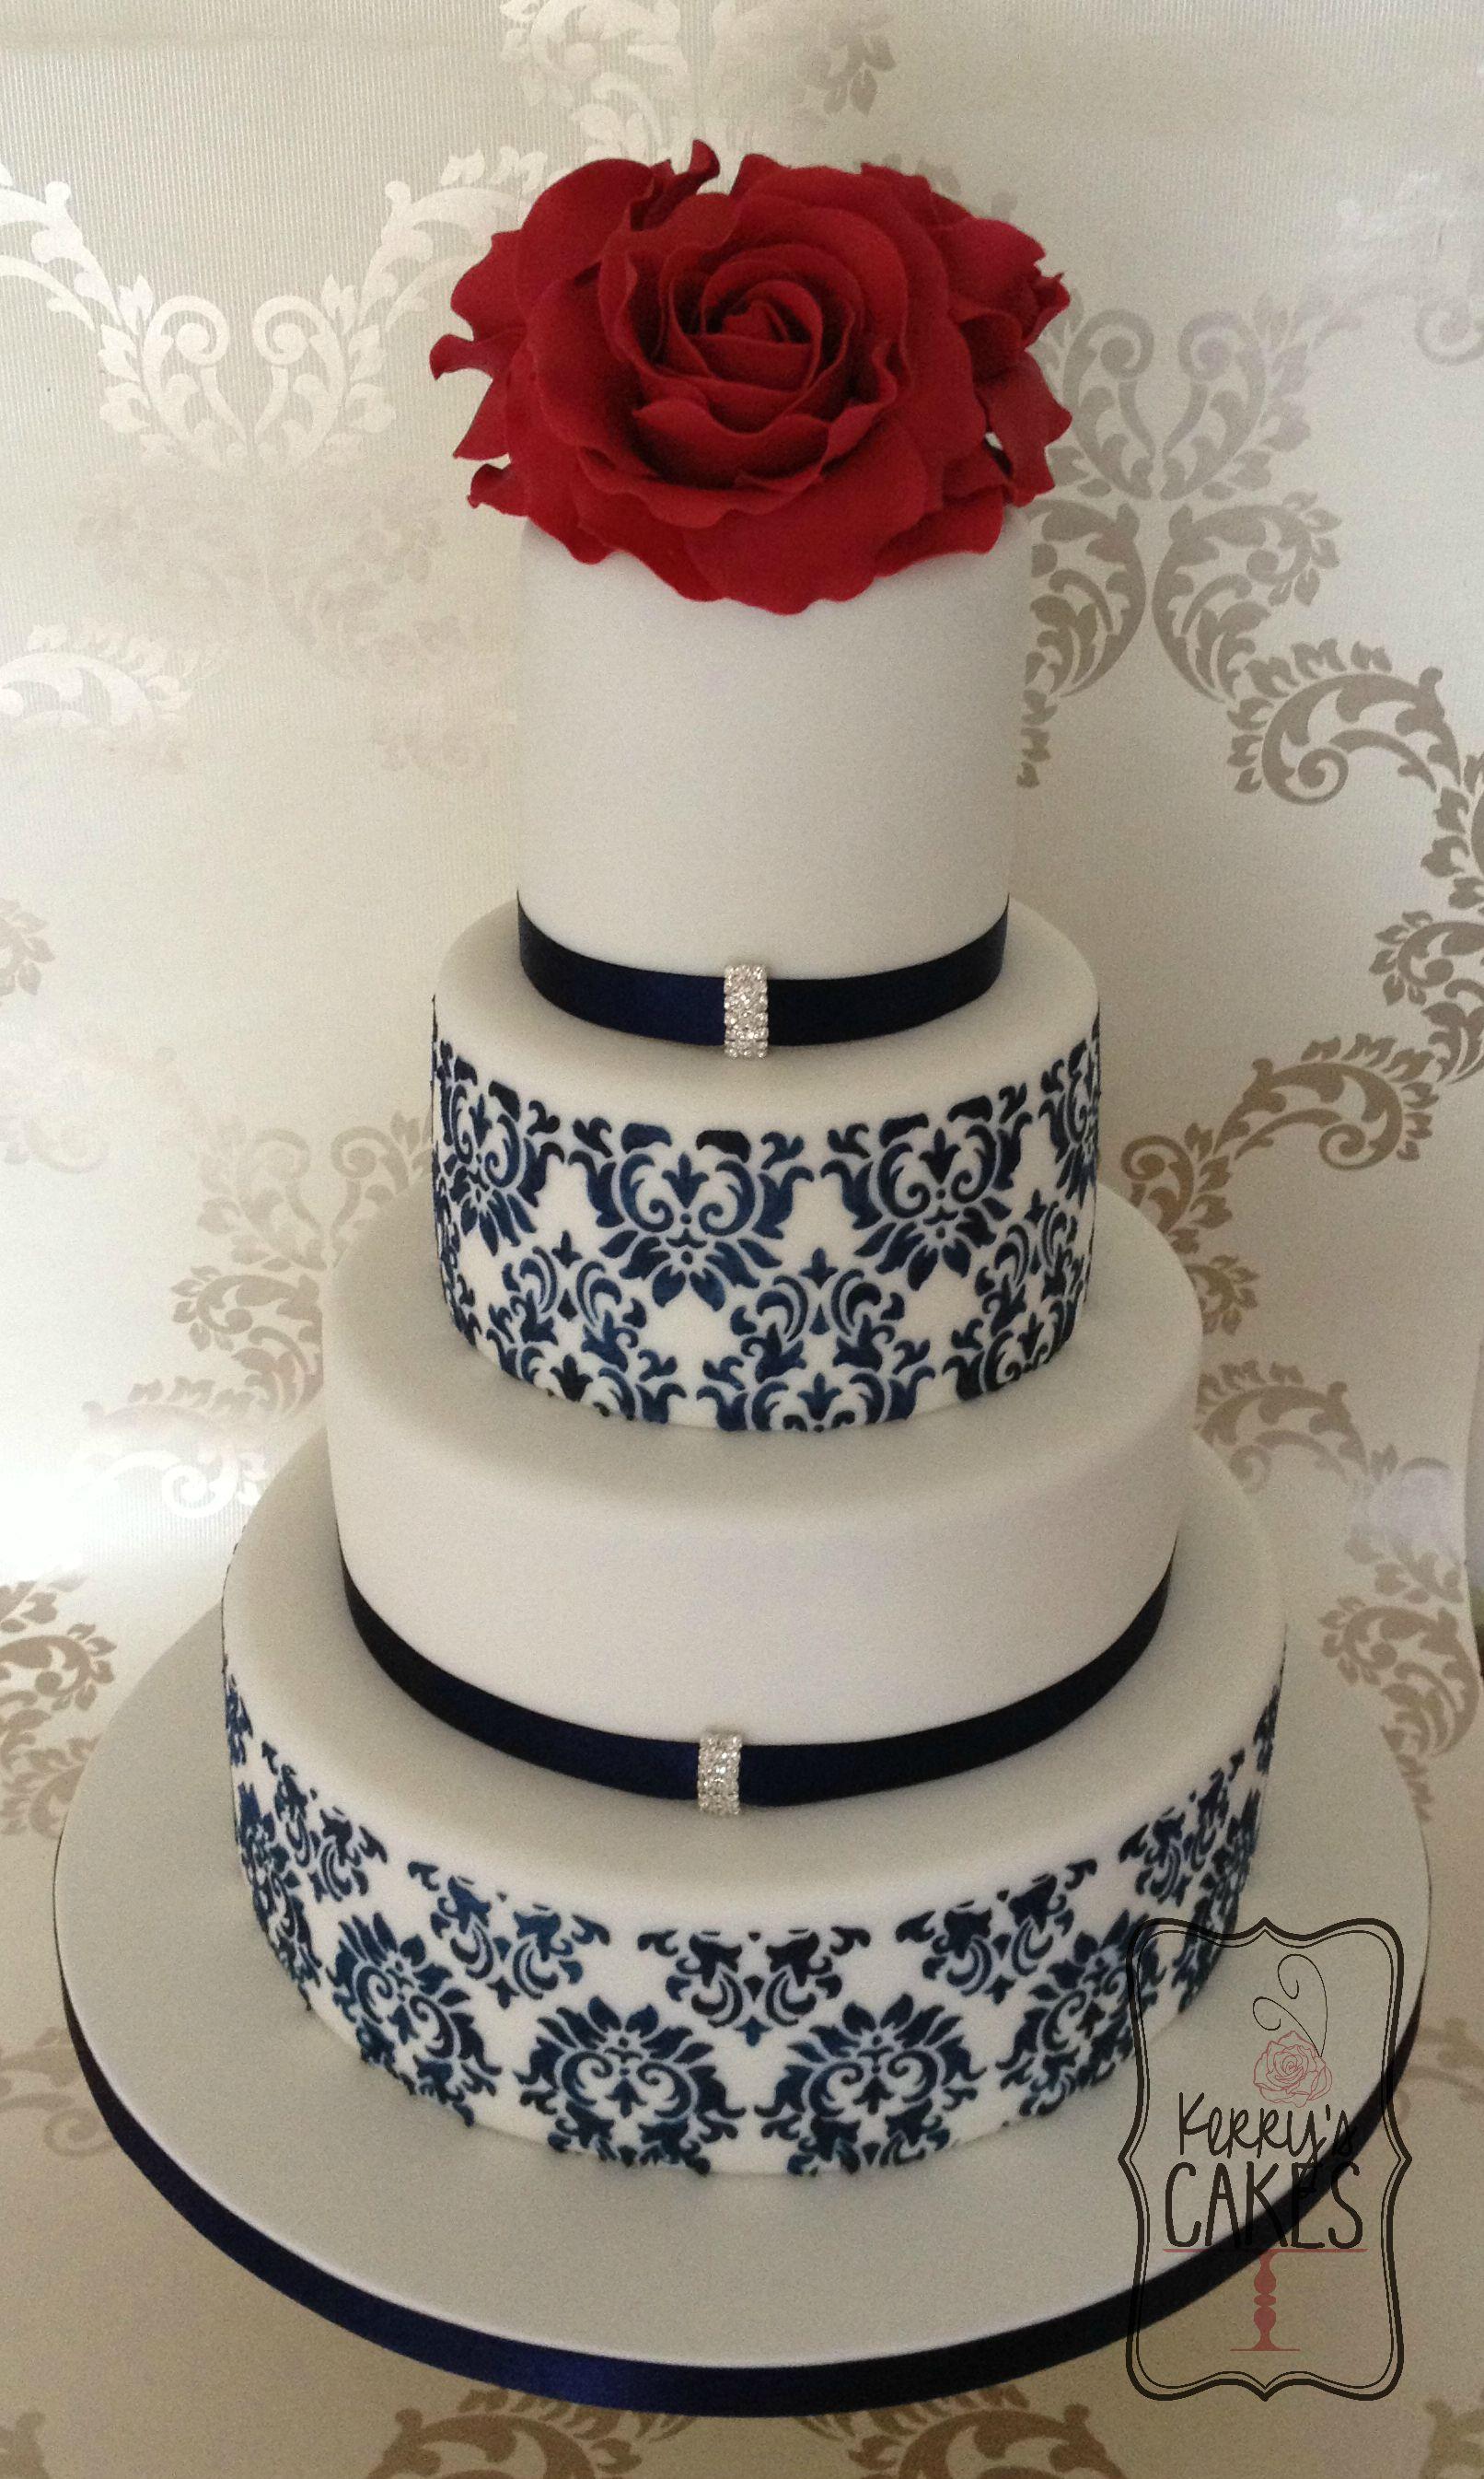 Red rose and navy damask wedding cake cake designs pinterest